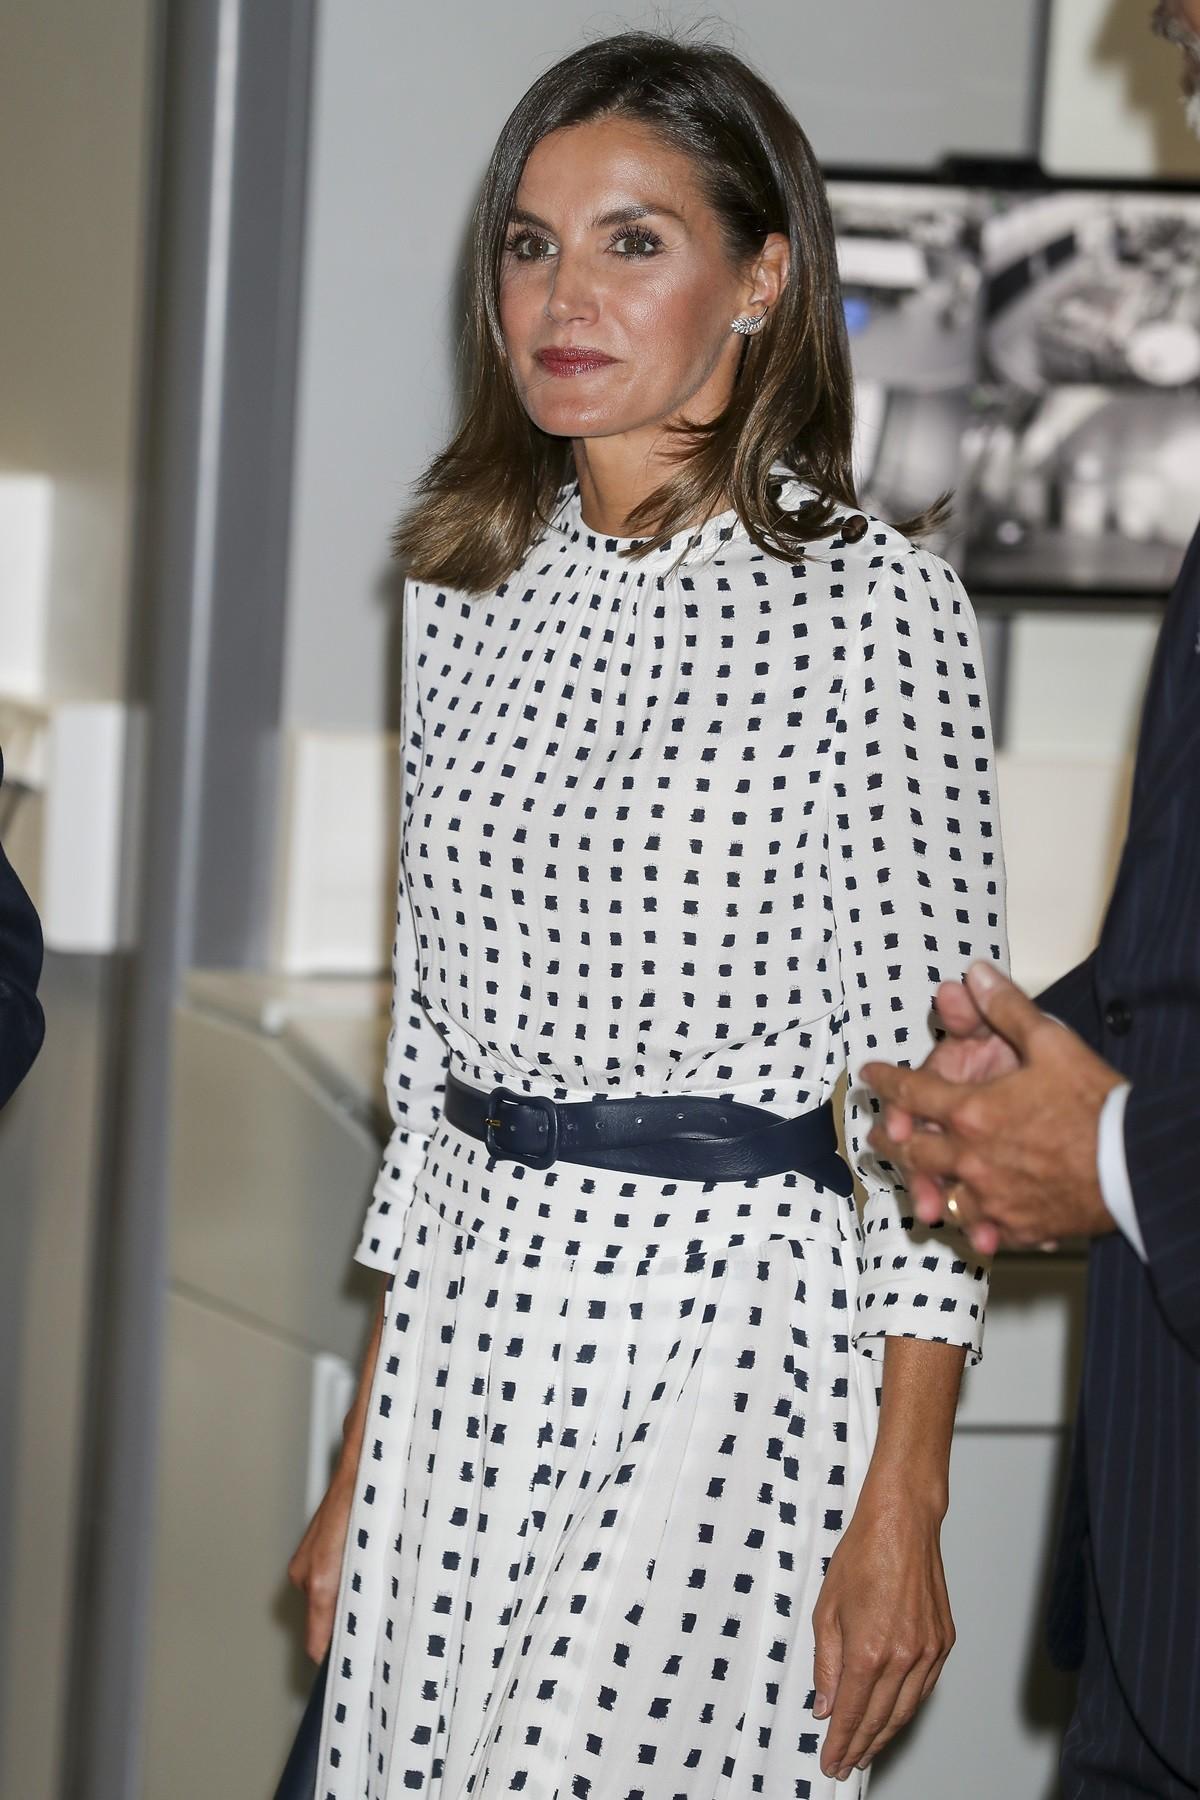 e1c92f91f La Reina Letizia sorprende con un vestido de Massimo Dutti tan bonito...  que ya está agotado